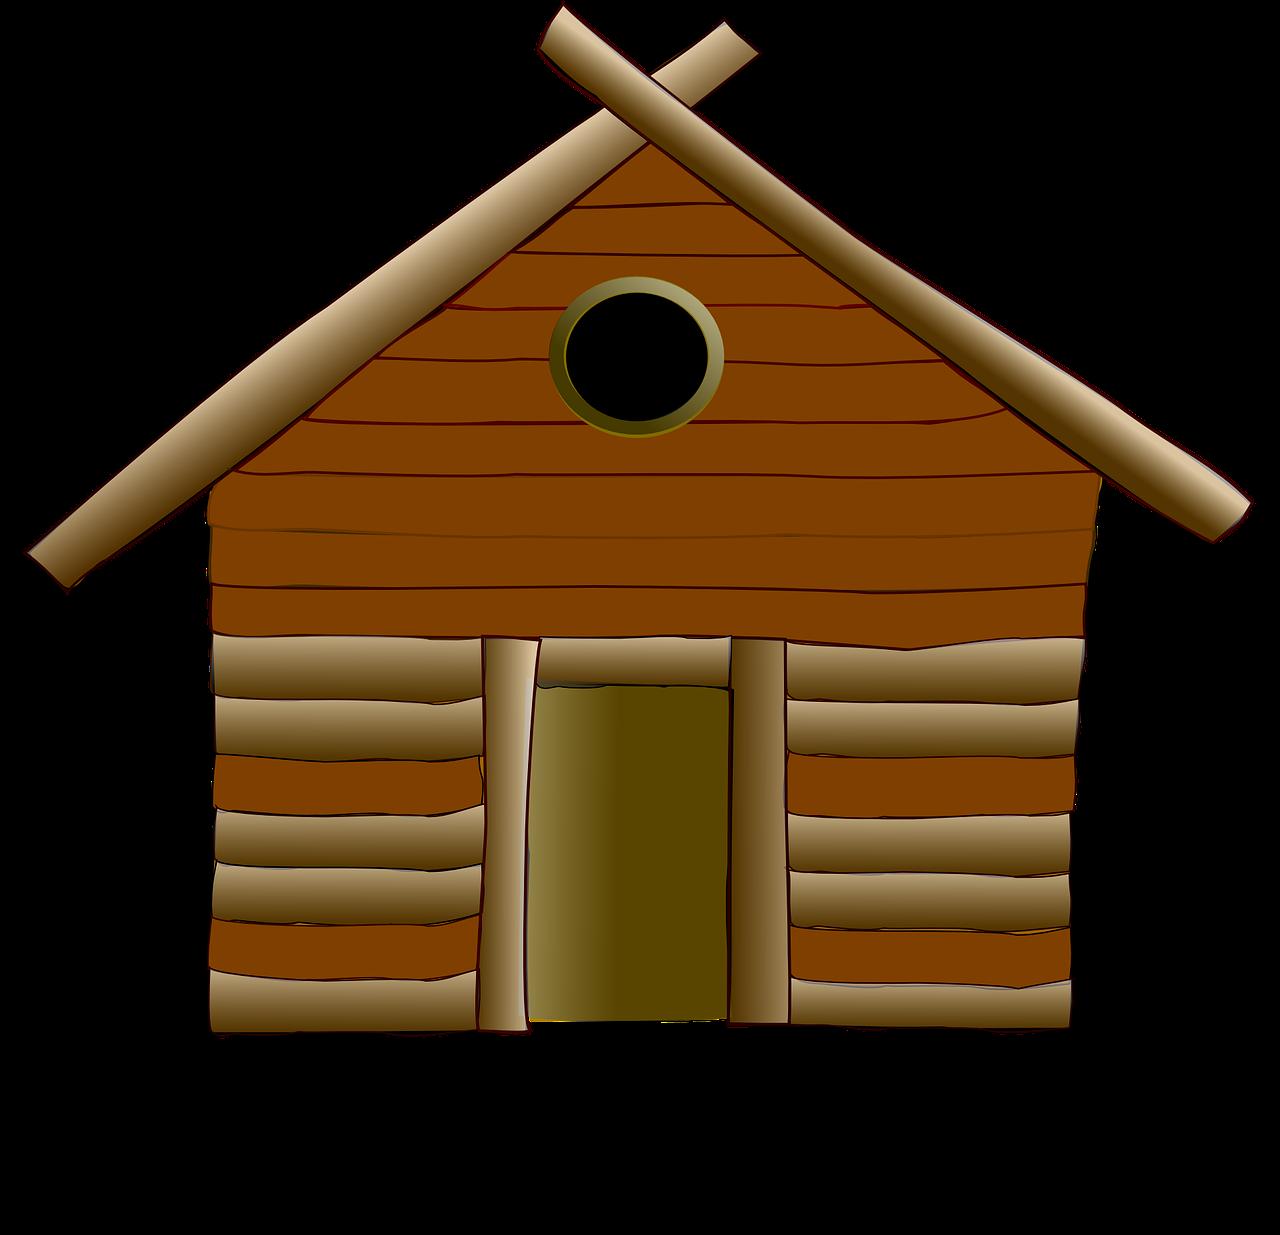 cabane-bois-sarpap-cecil-industries